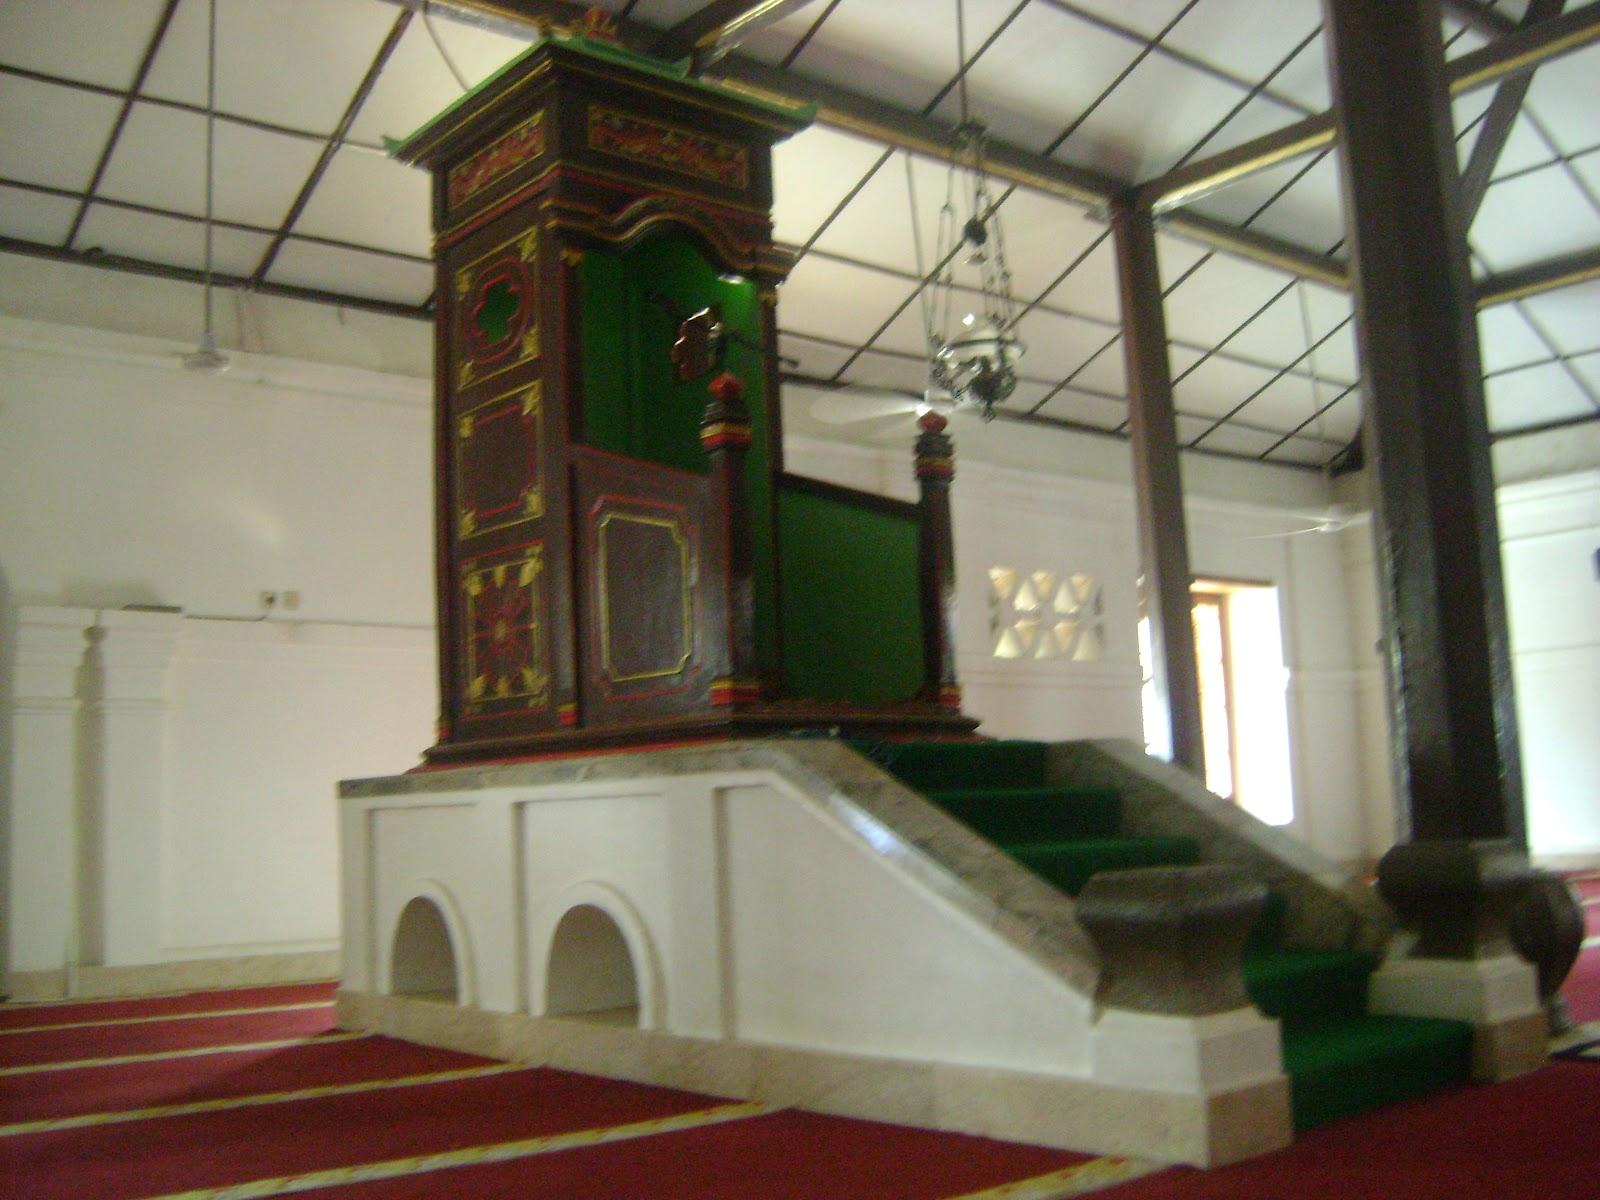 Masjid Agung Banten Kekunaan Dinding Sisi Utara Membatasi Ruang Utama